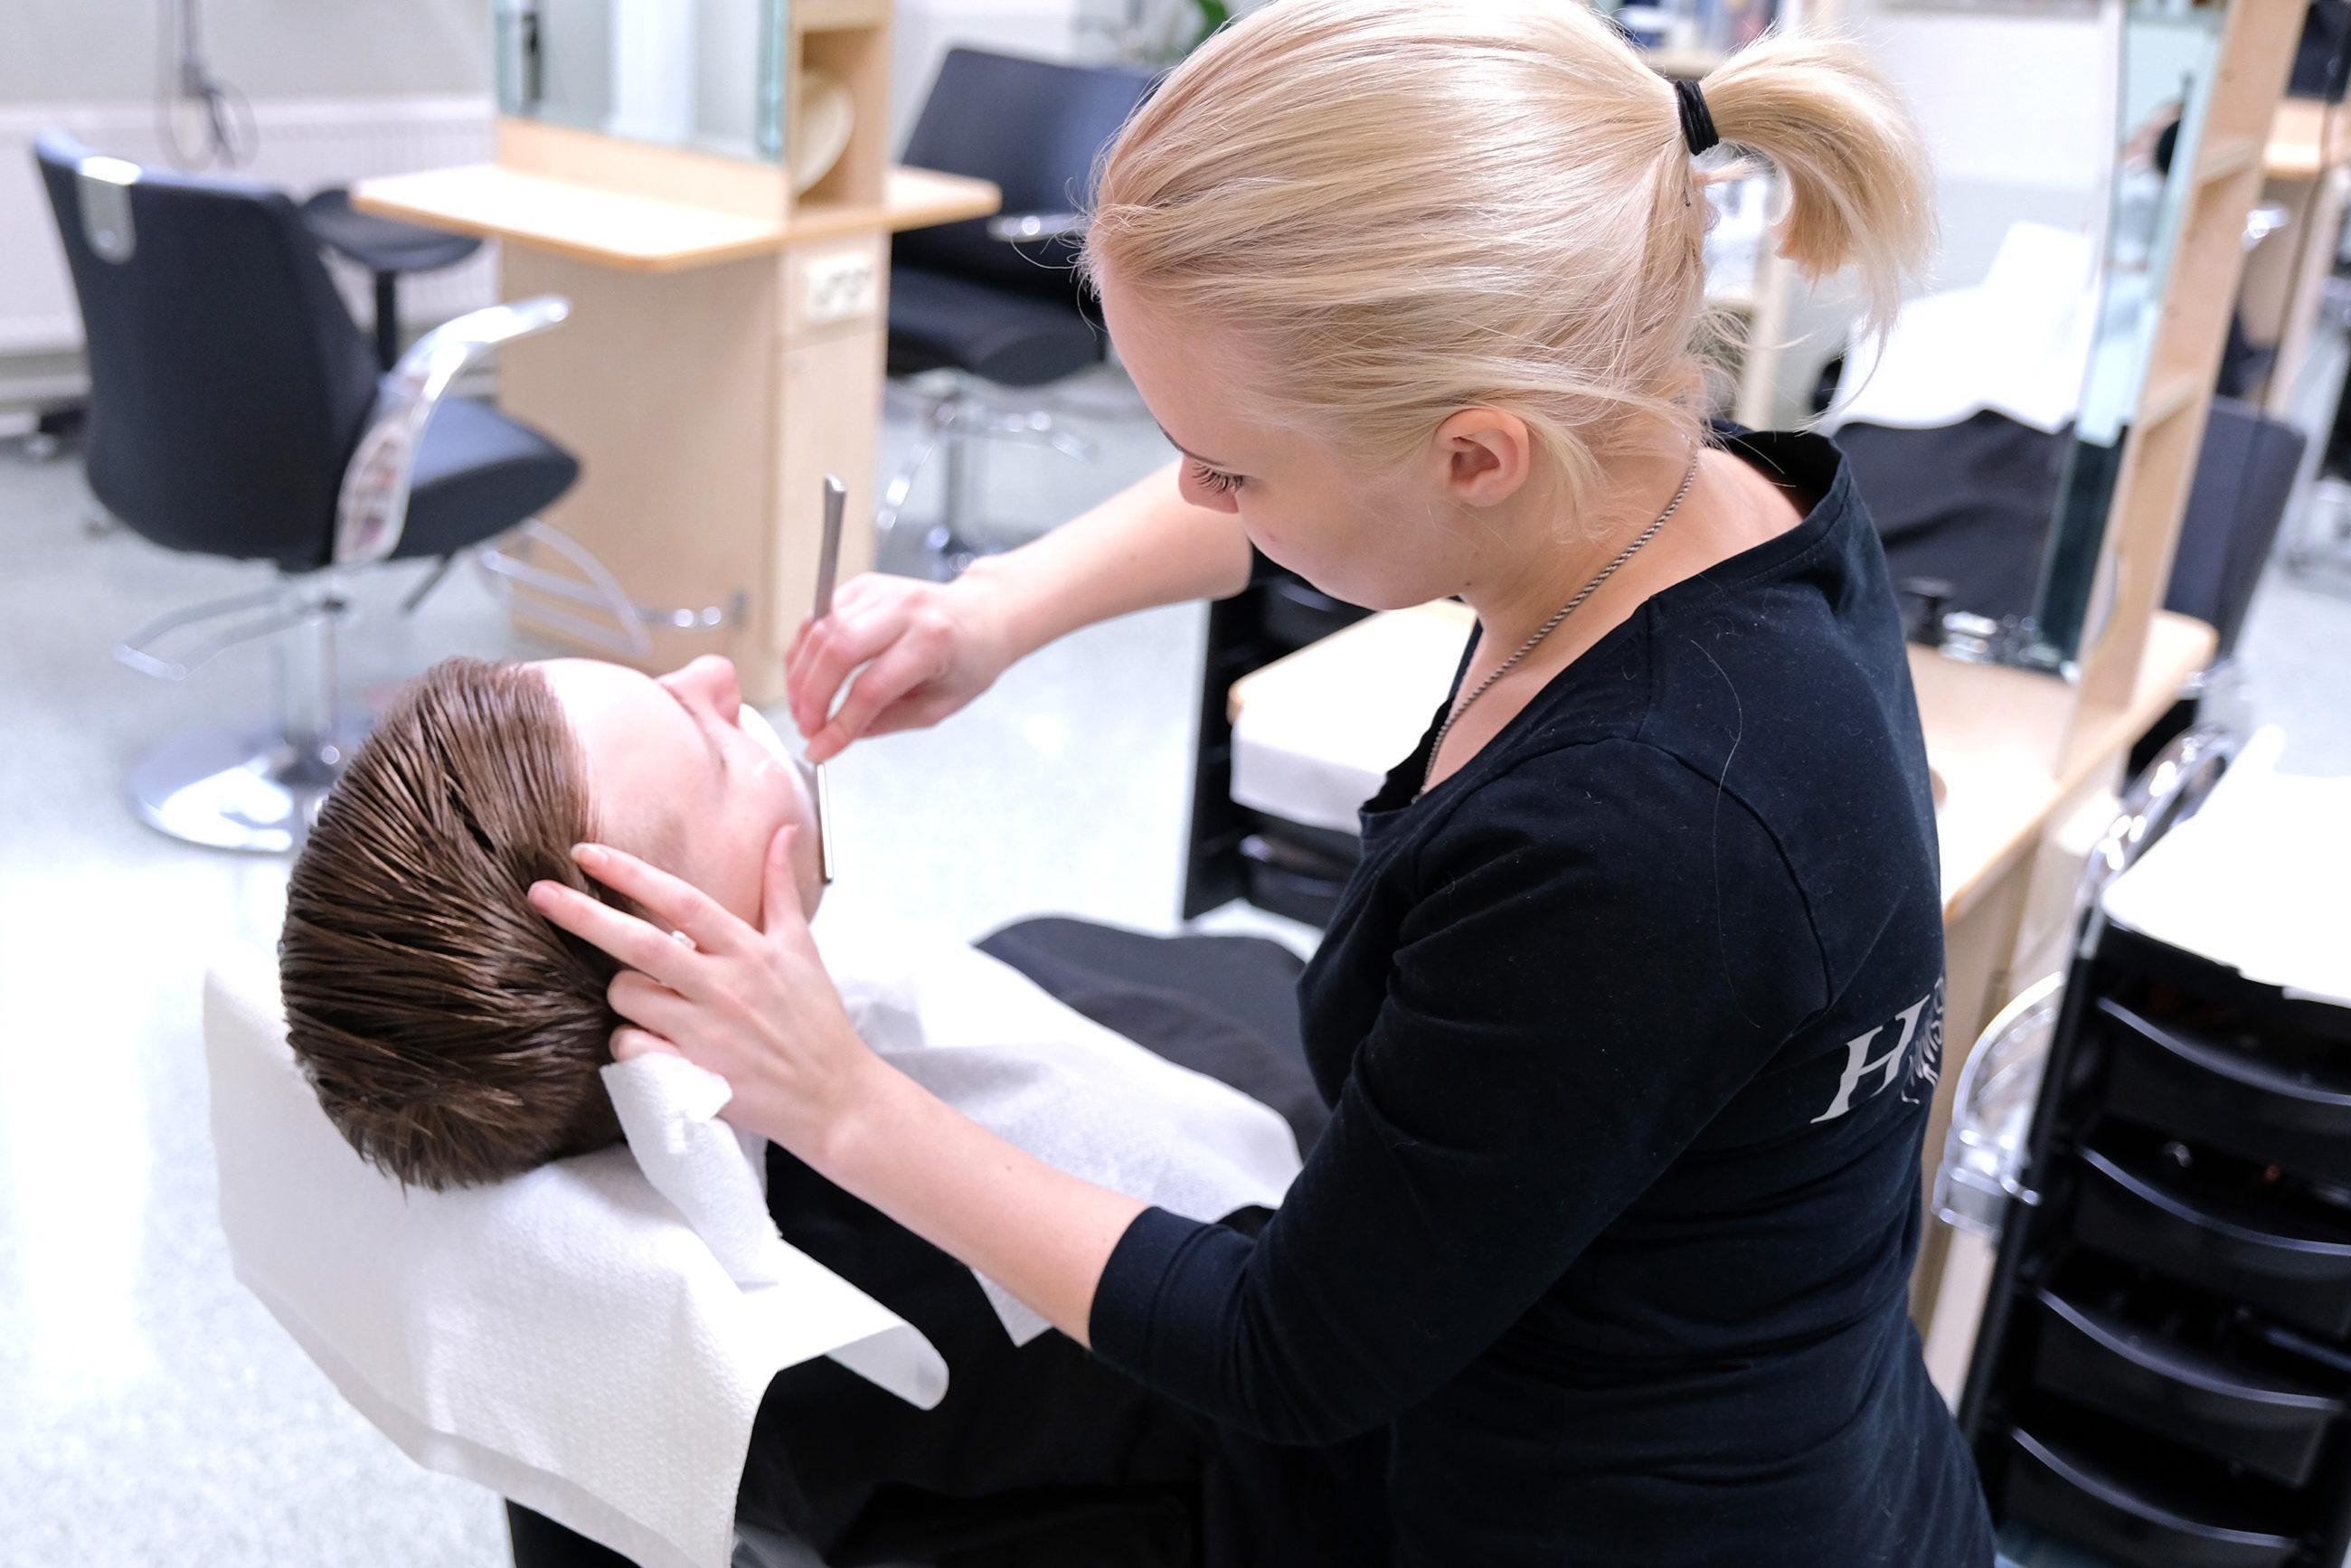 Nainen leikkaa parturituolissa istuvan miehen partaa partaveitsellä, taustalla näkyy lisää parturituoleja.